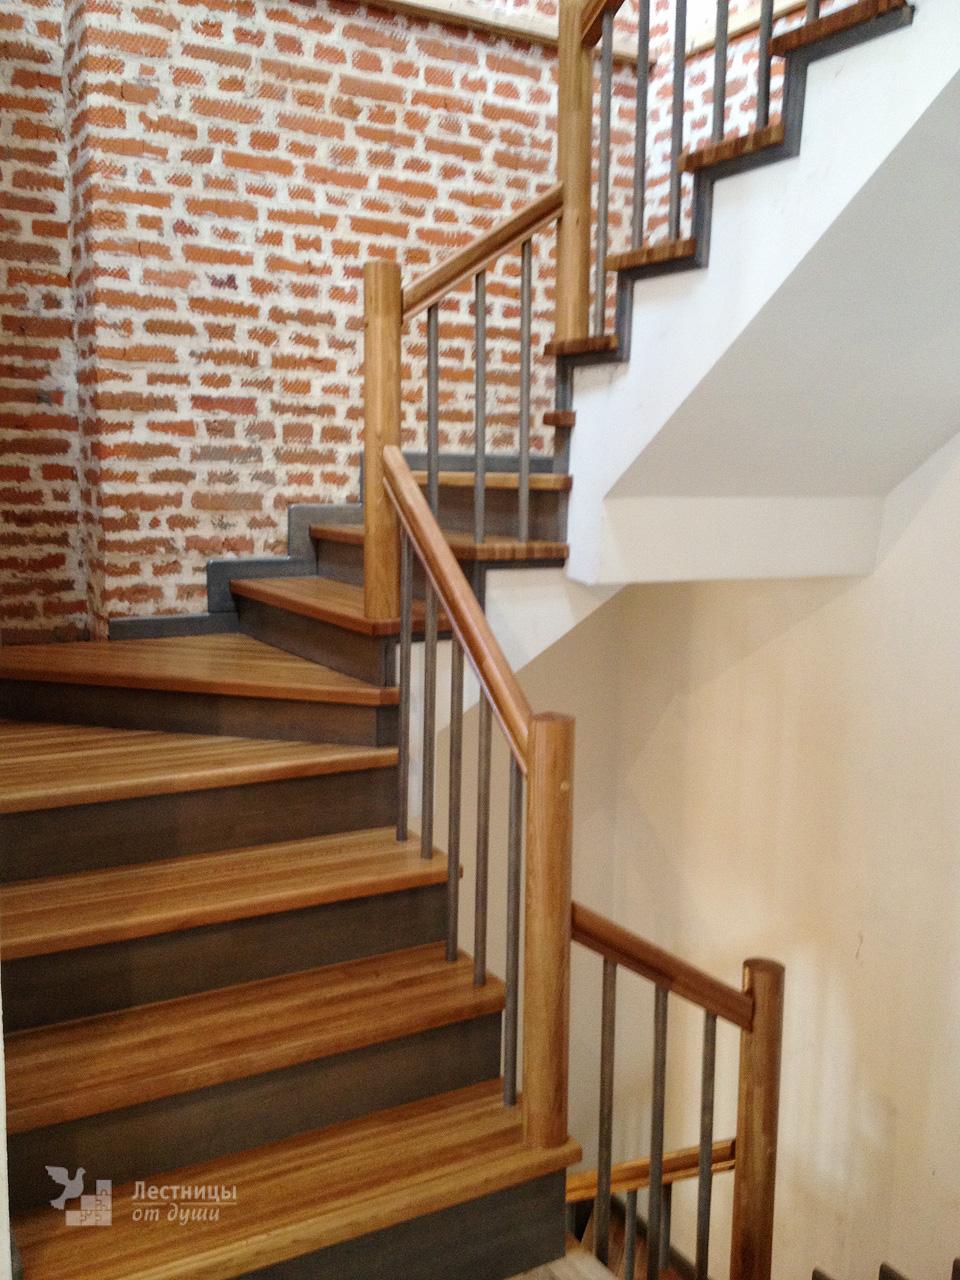 Лестница из дуба и сосны на бетонном основании